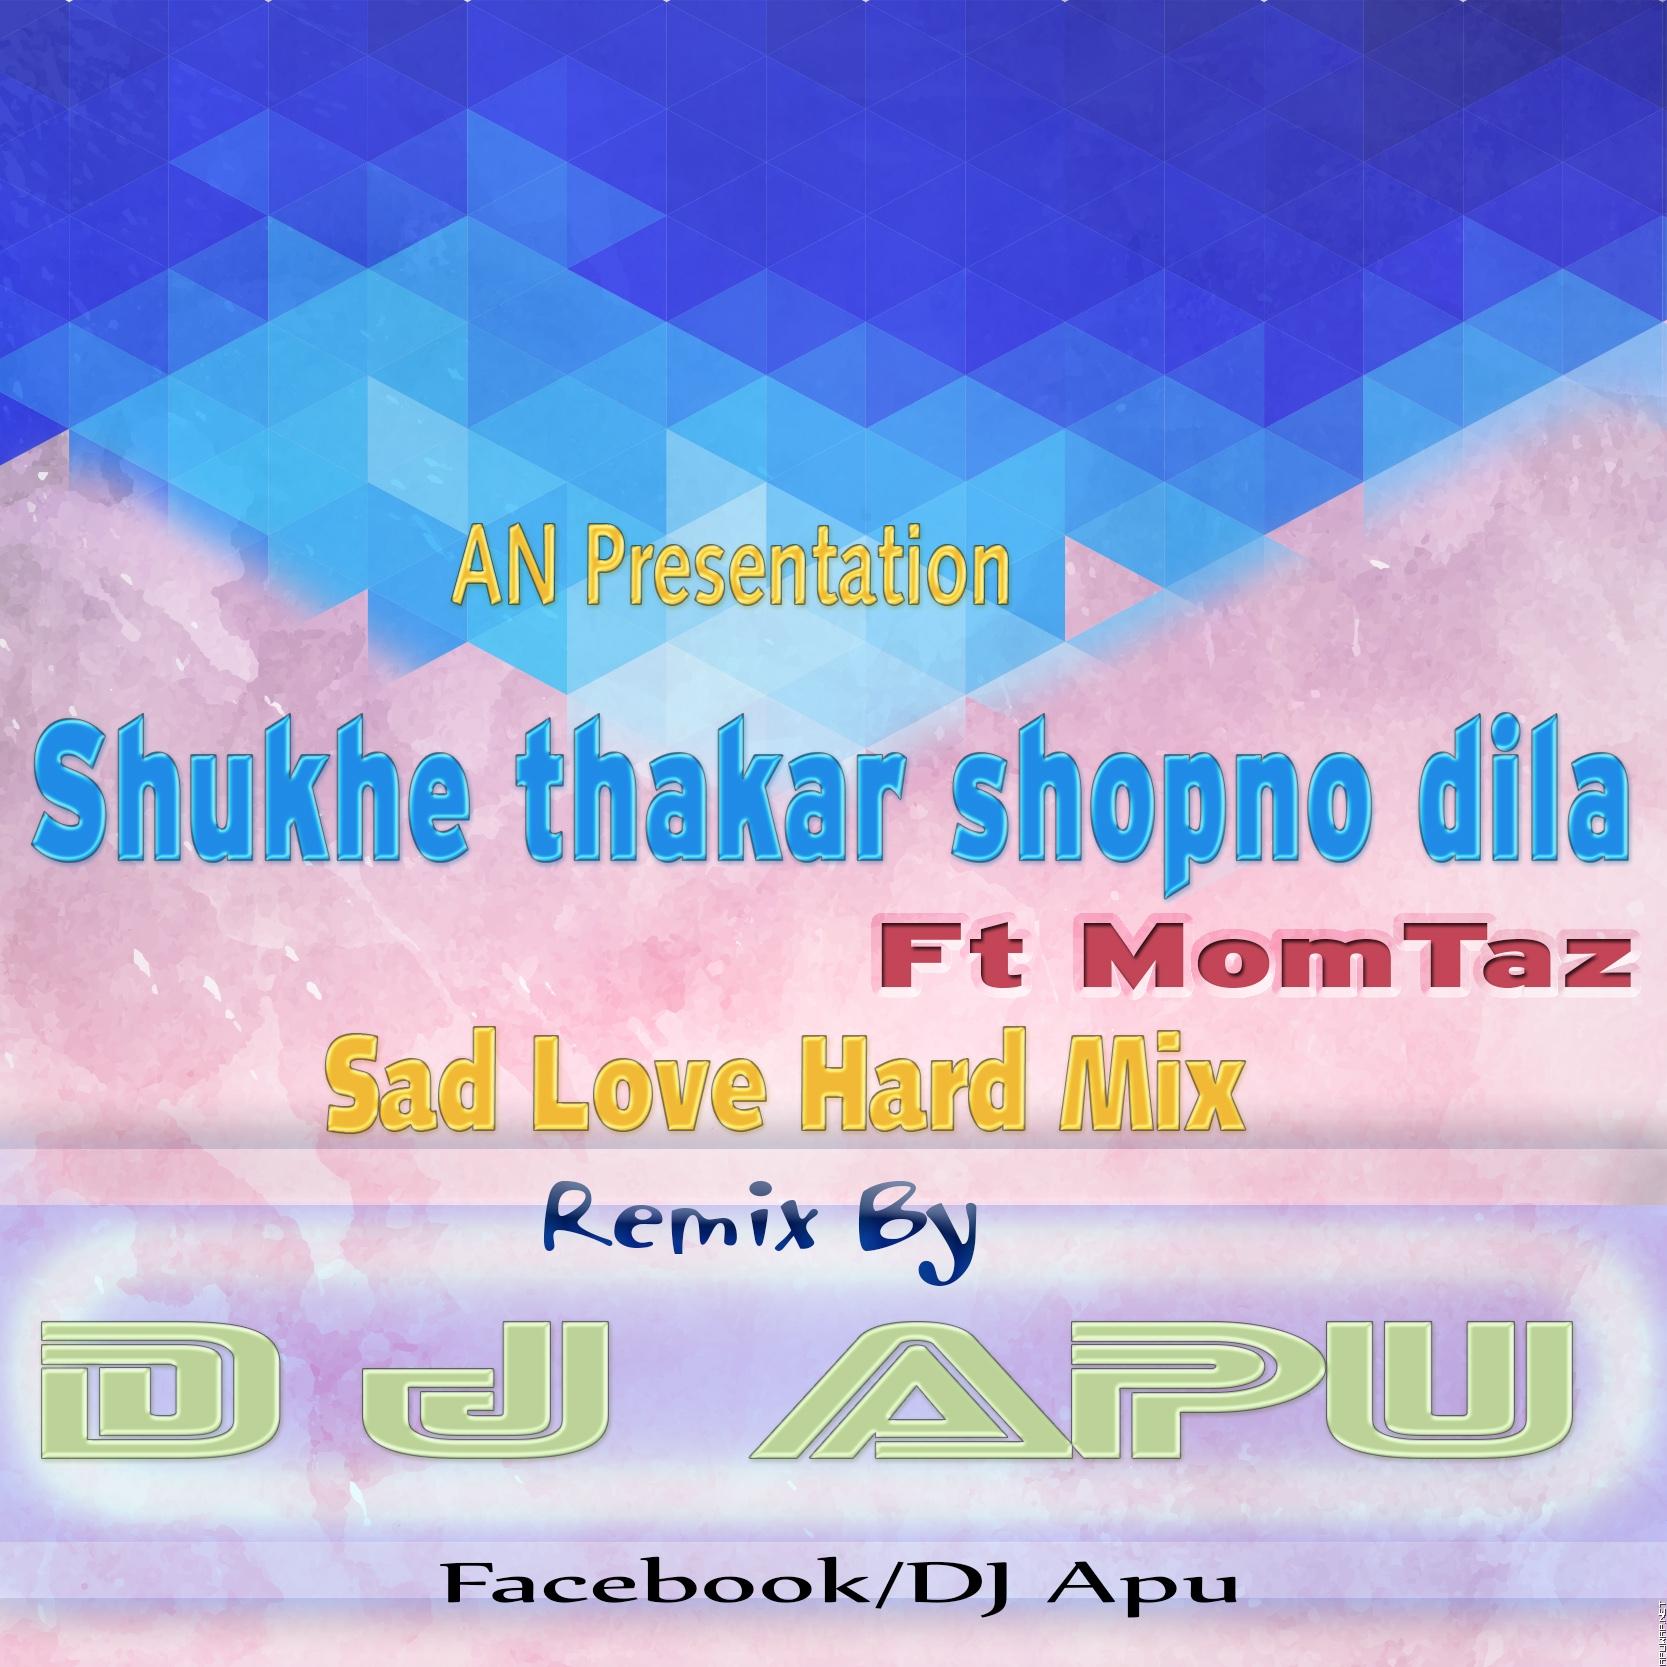 Shukhe thakar shopno dila  Ft Momtaz (Sad Love Hard Mix) D J Apu.mp3